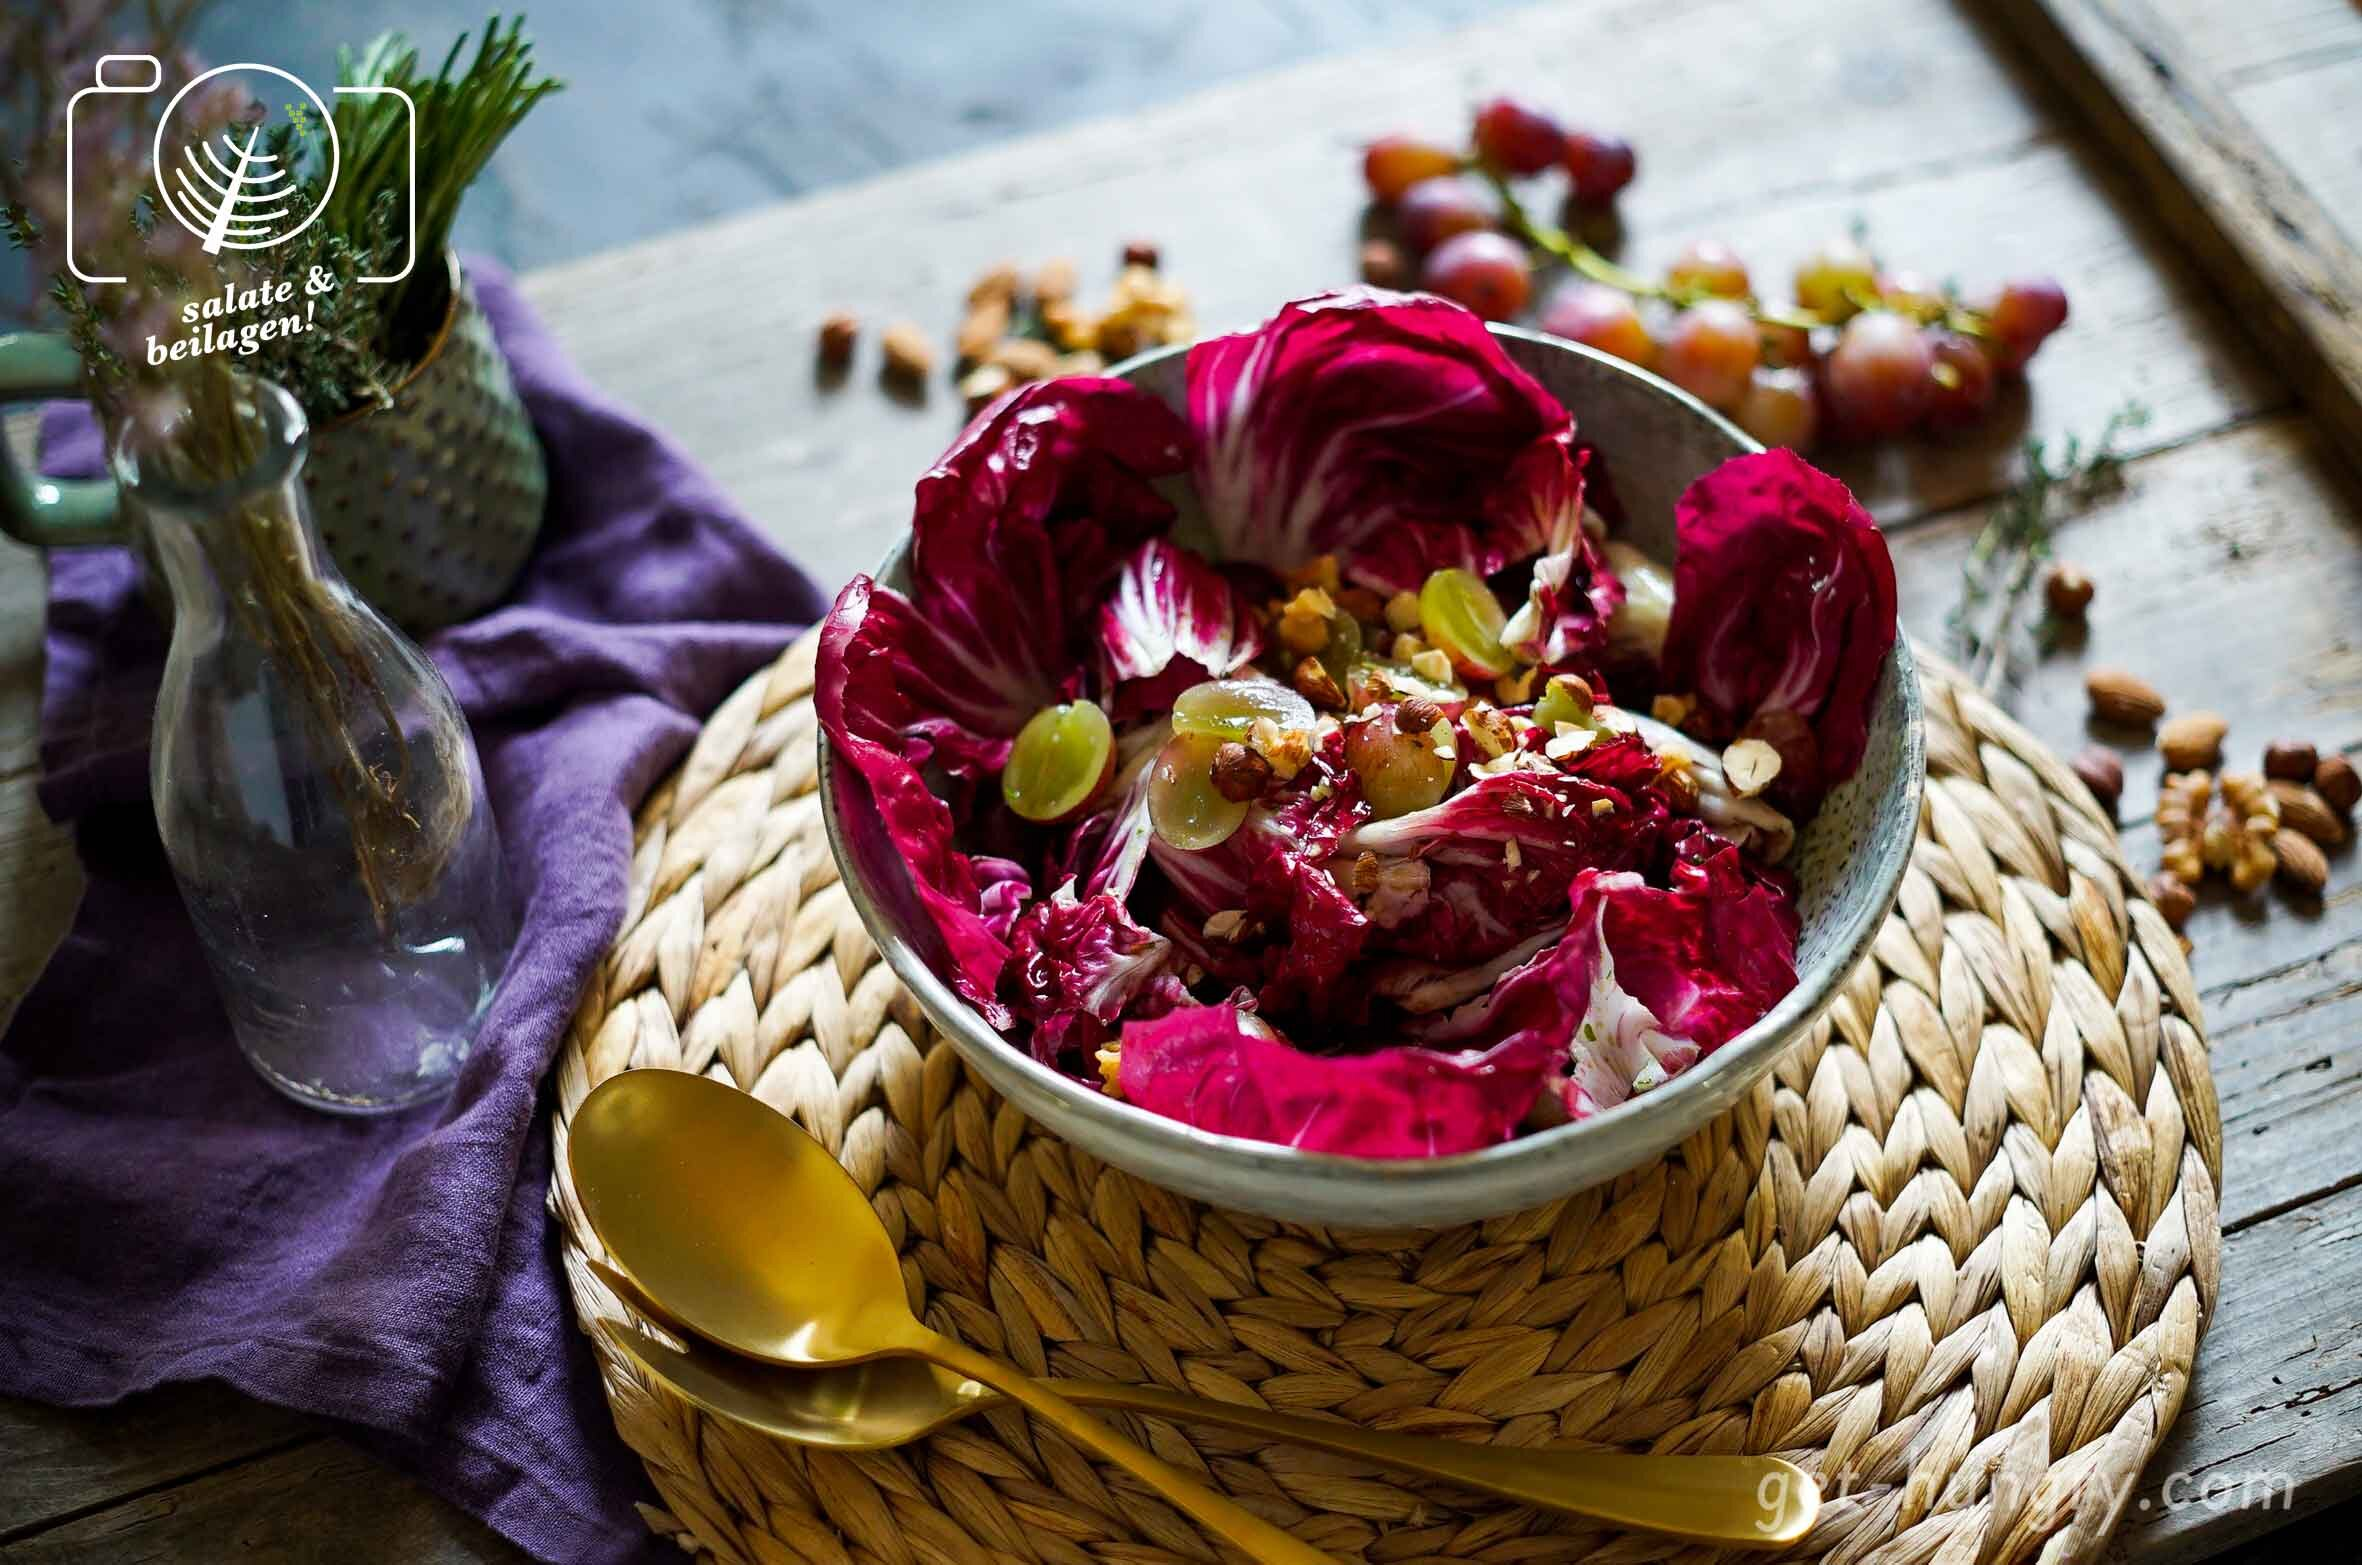 Herbstsalat mit Nüssen und Weintrauben